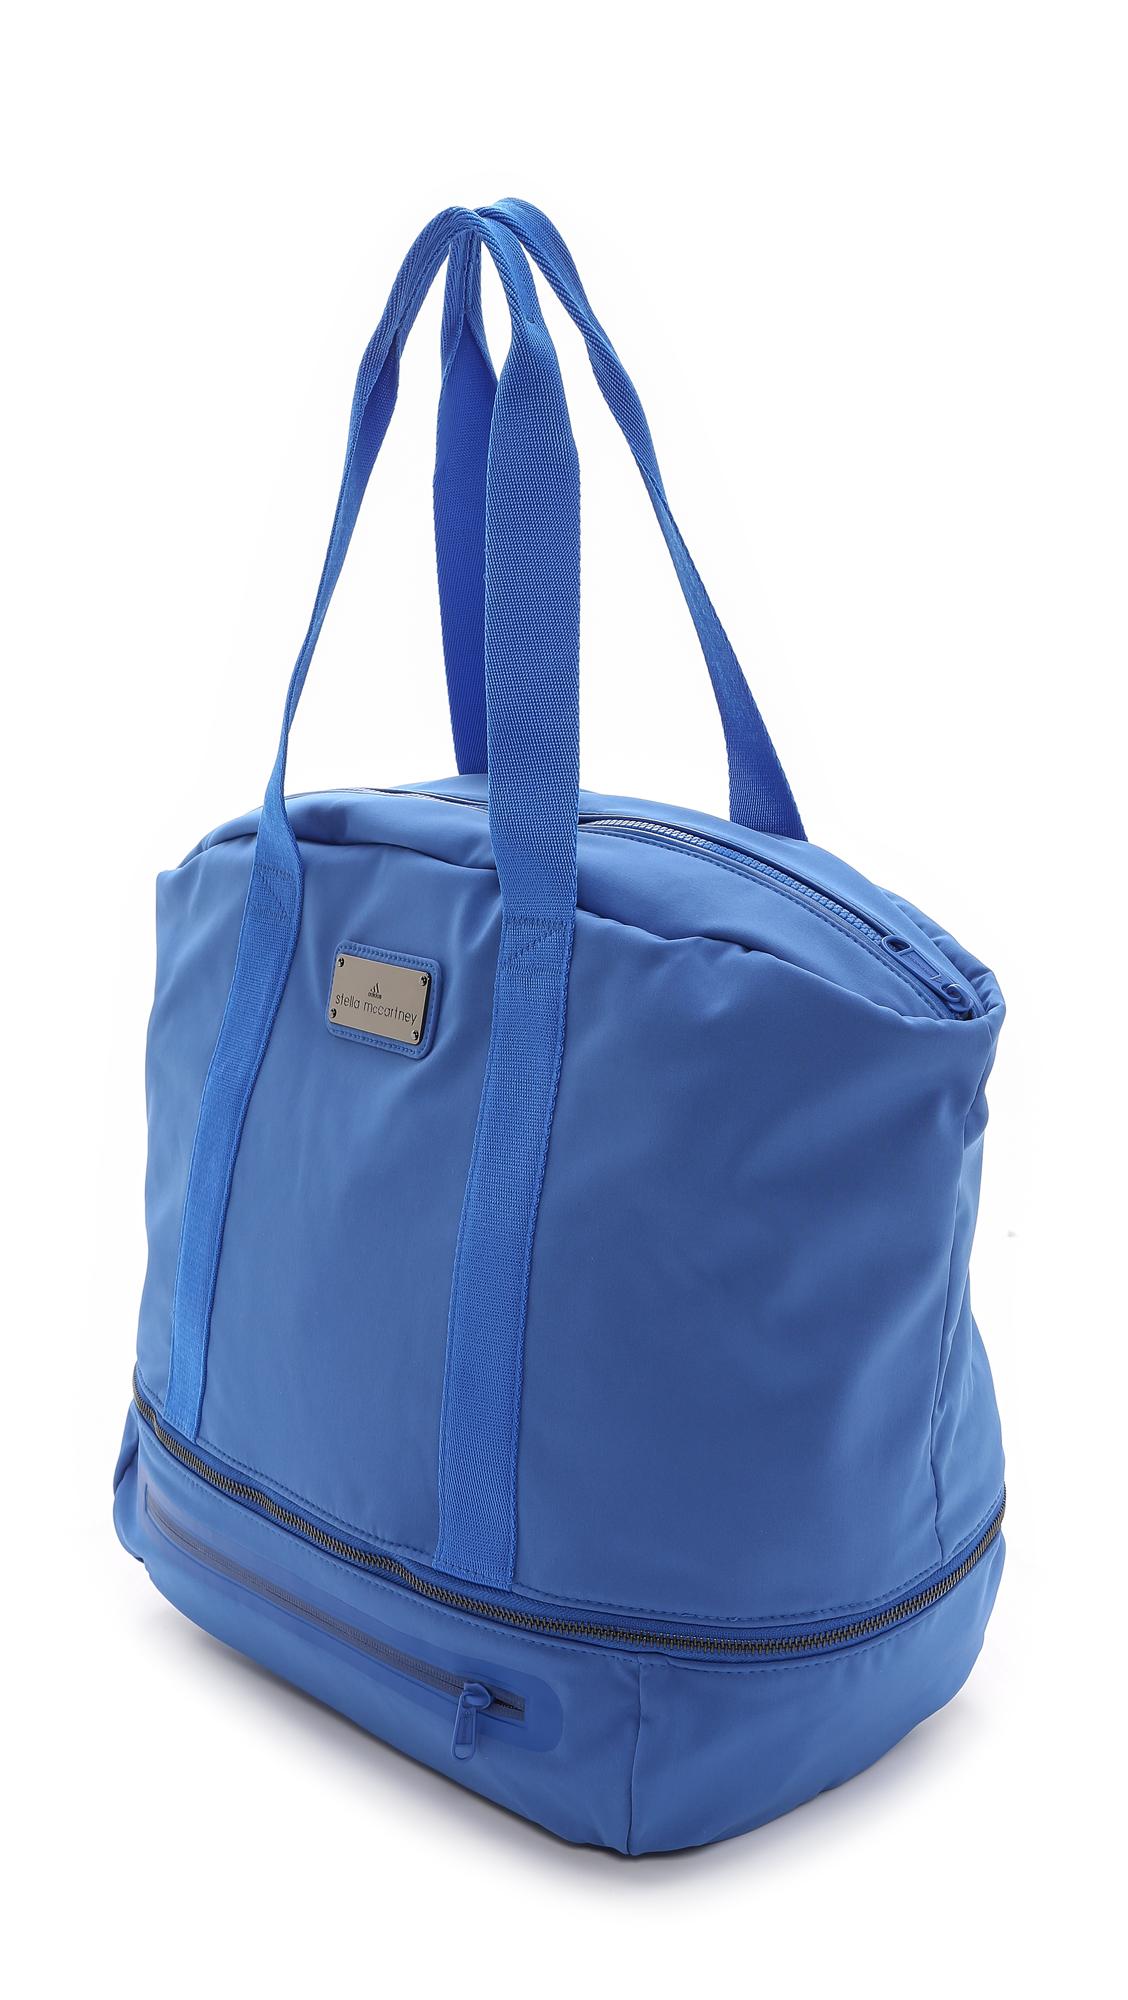 327d7f075f Adidas By Stella Mccartney Iconic Big Bag - Flight Blue in Blue - Lyst